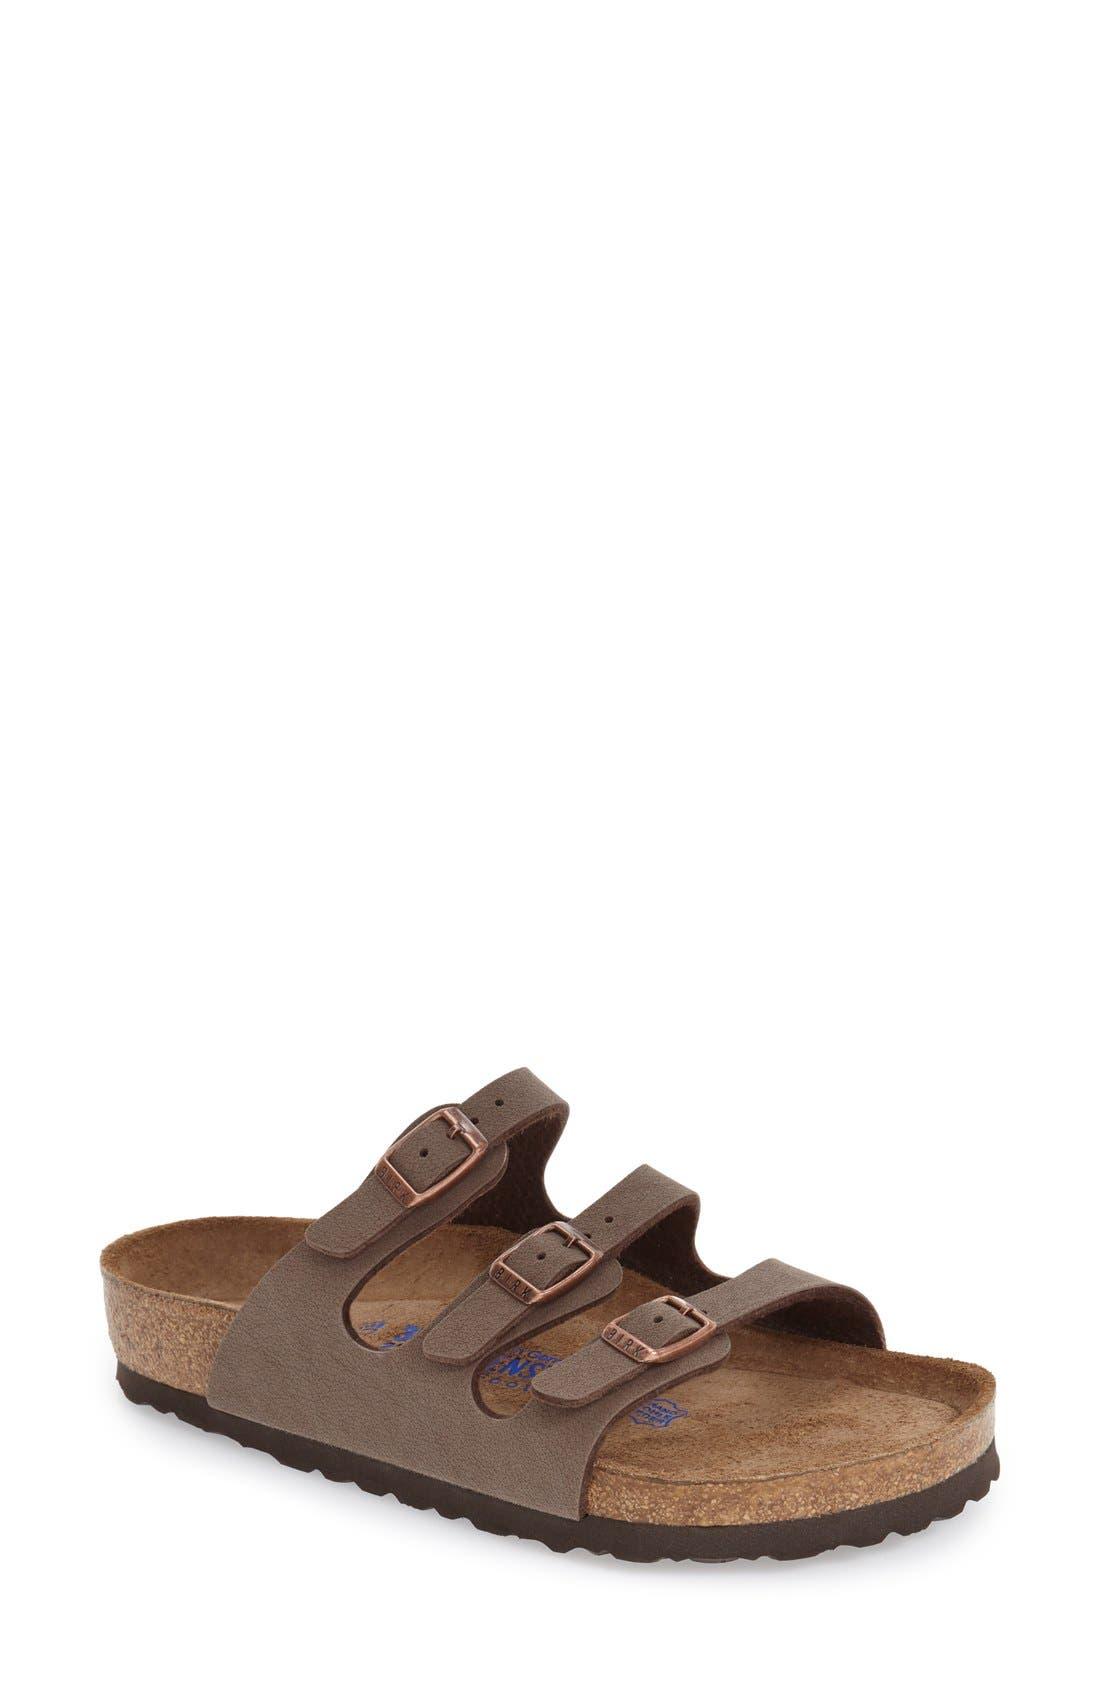 BIRKENSTOCK Florida Birkibuc Soft Footbed Sandal